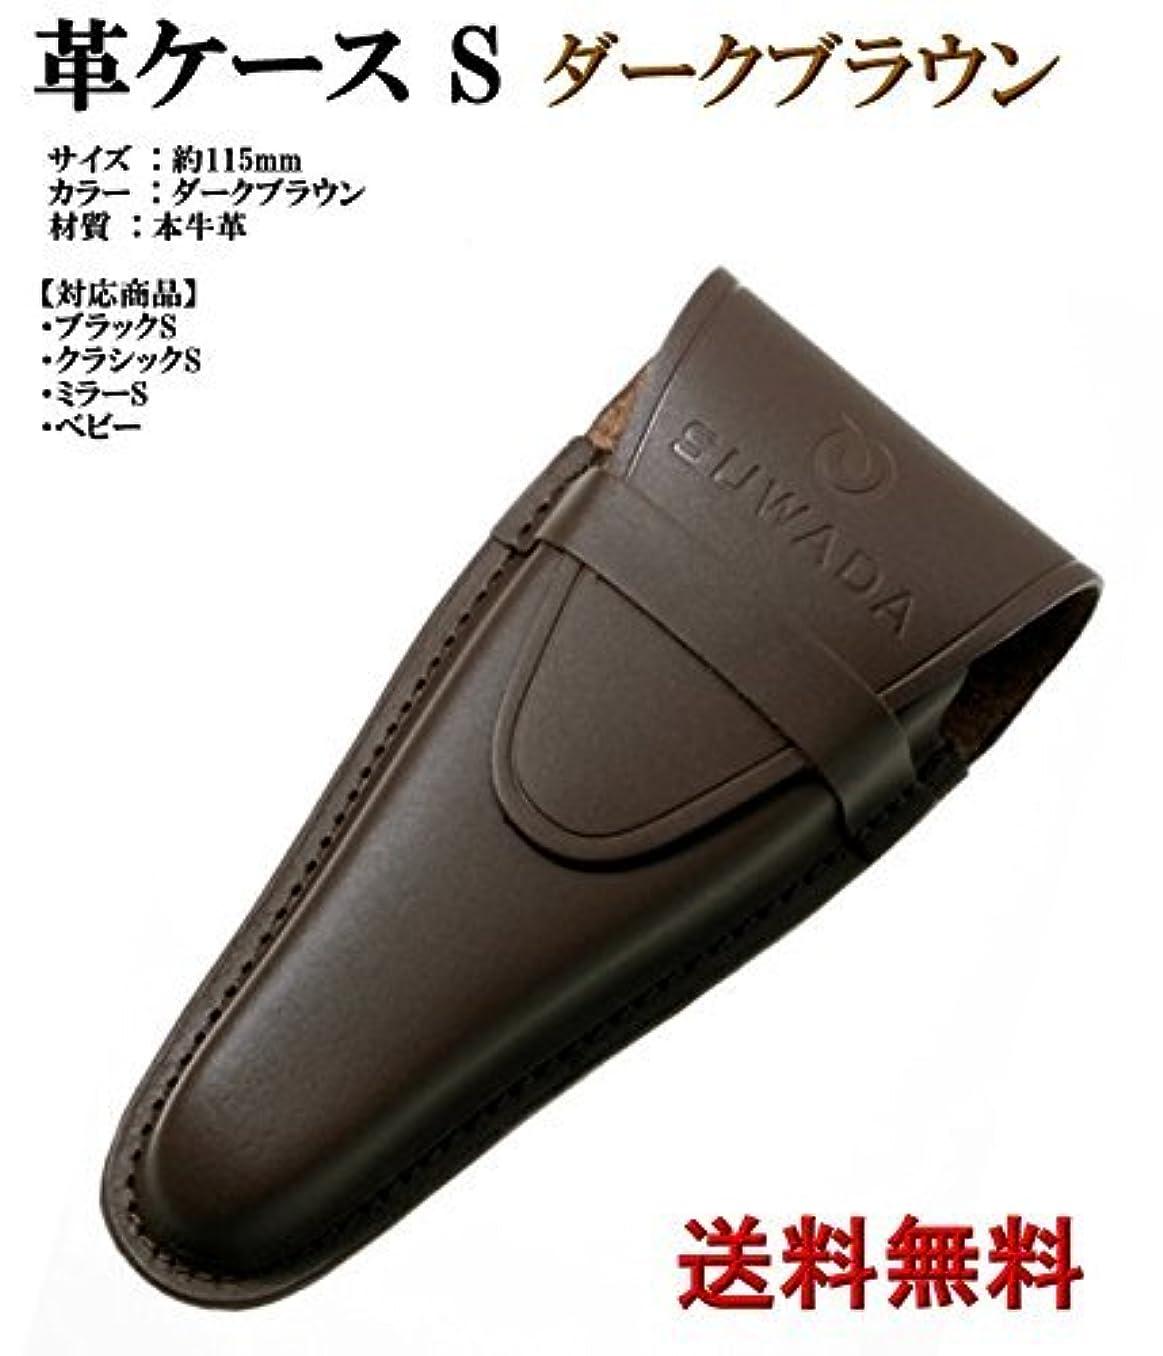 フレッシュ写真を描くサラミSUWADA 爪きり用本革ケースS